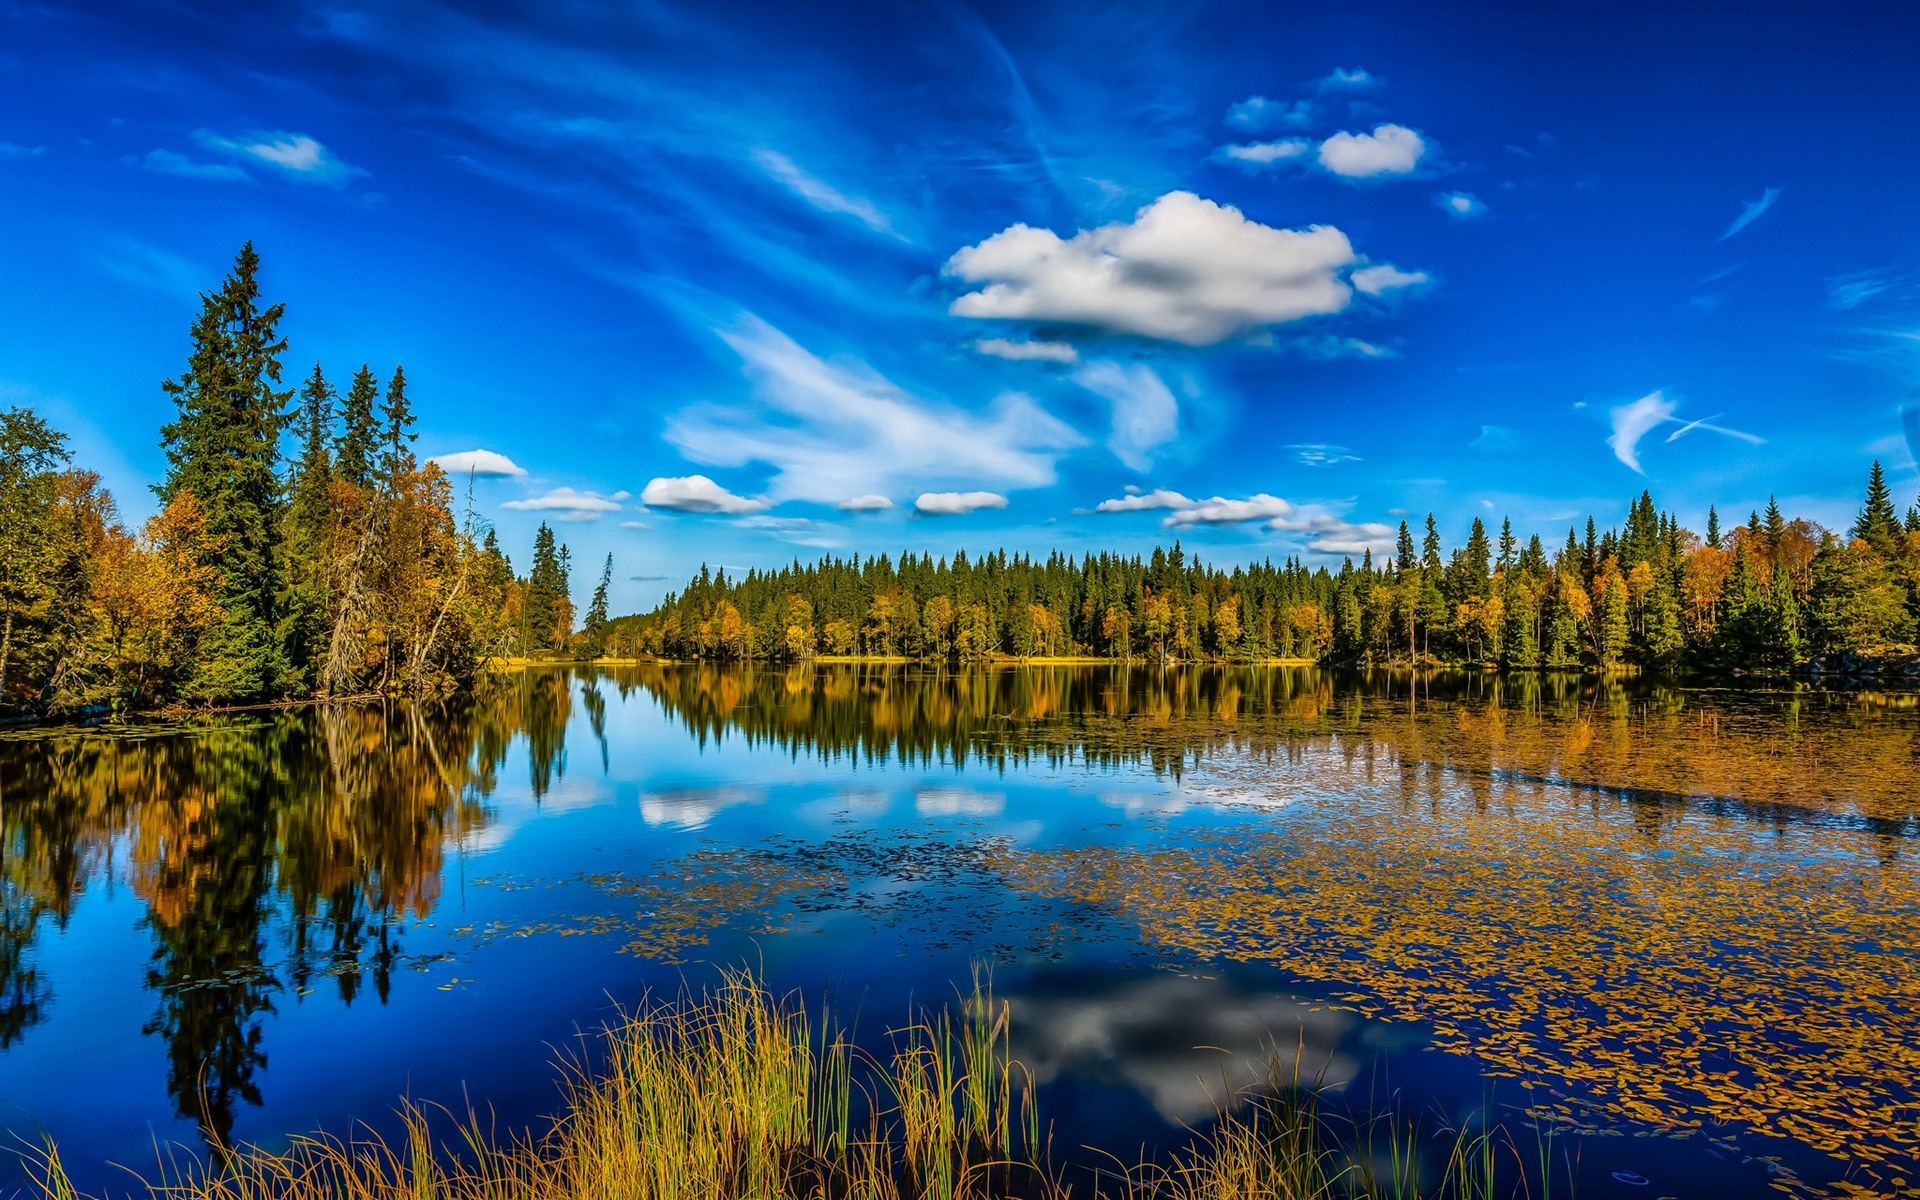 壁紙 ノルウェー 湖 木々 水の反射 青空 自然の風景 1920x1200 Hd